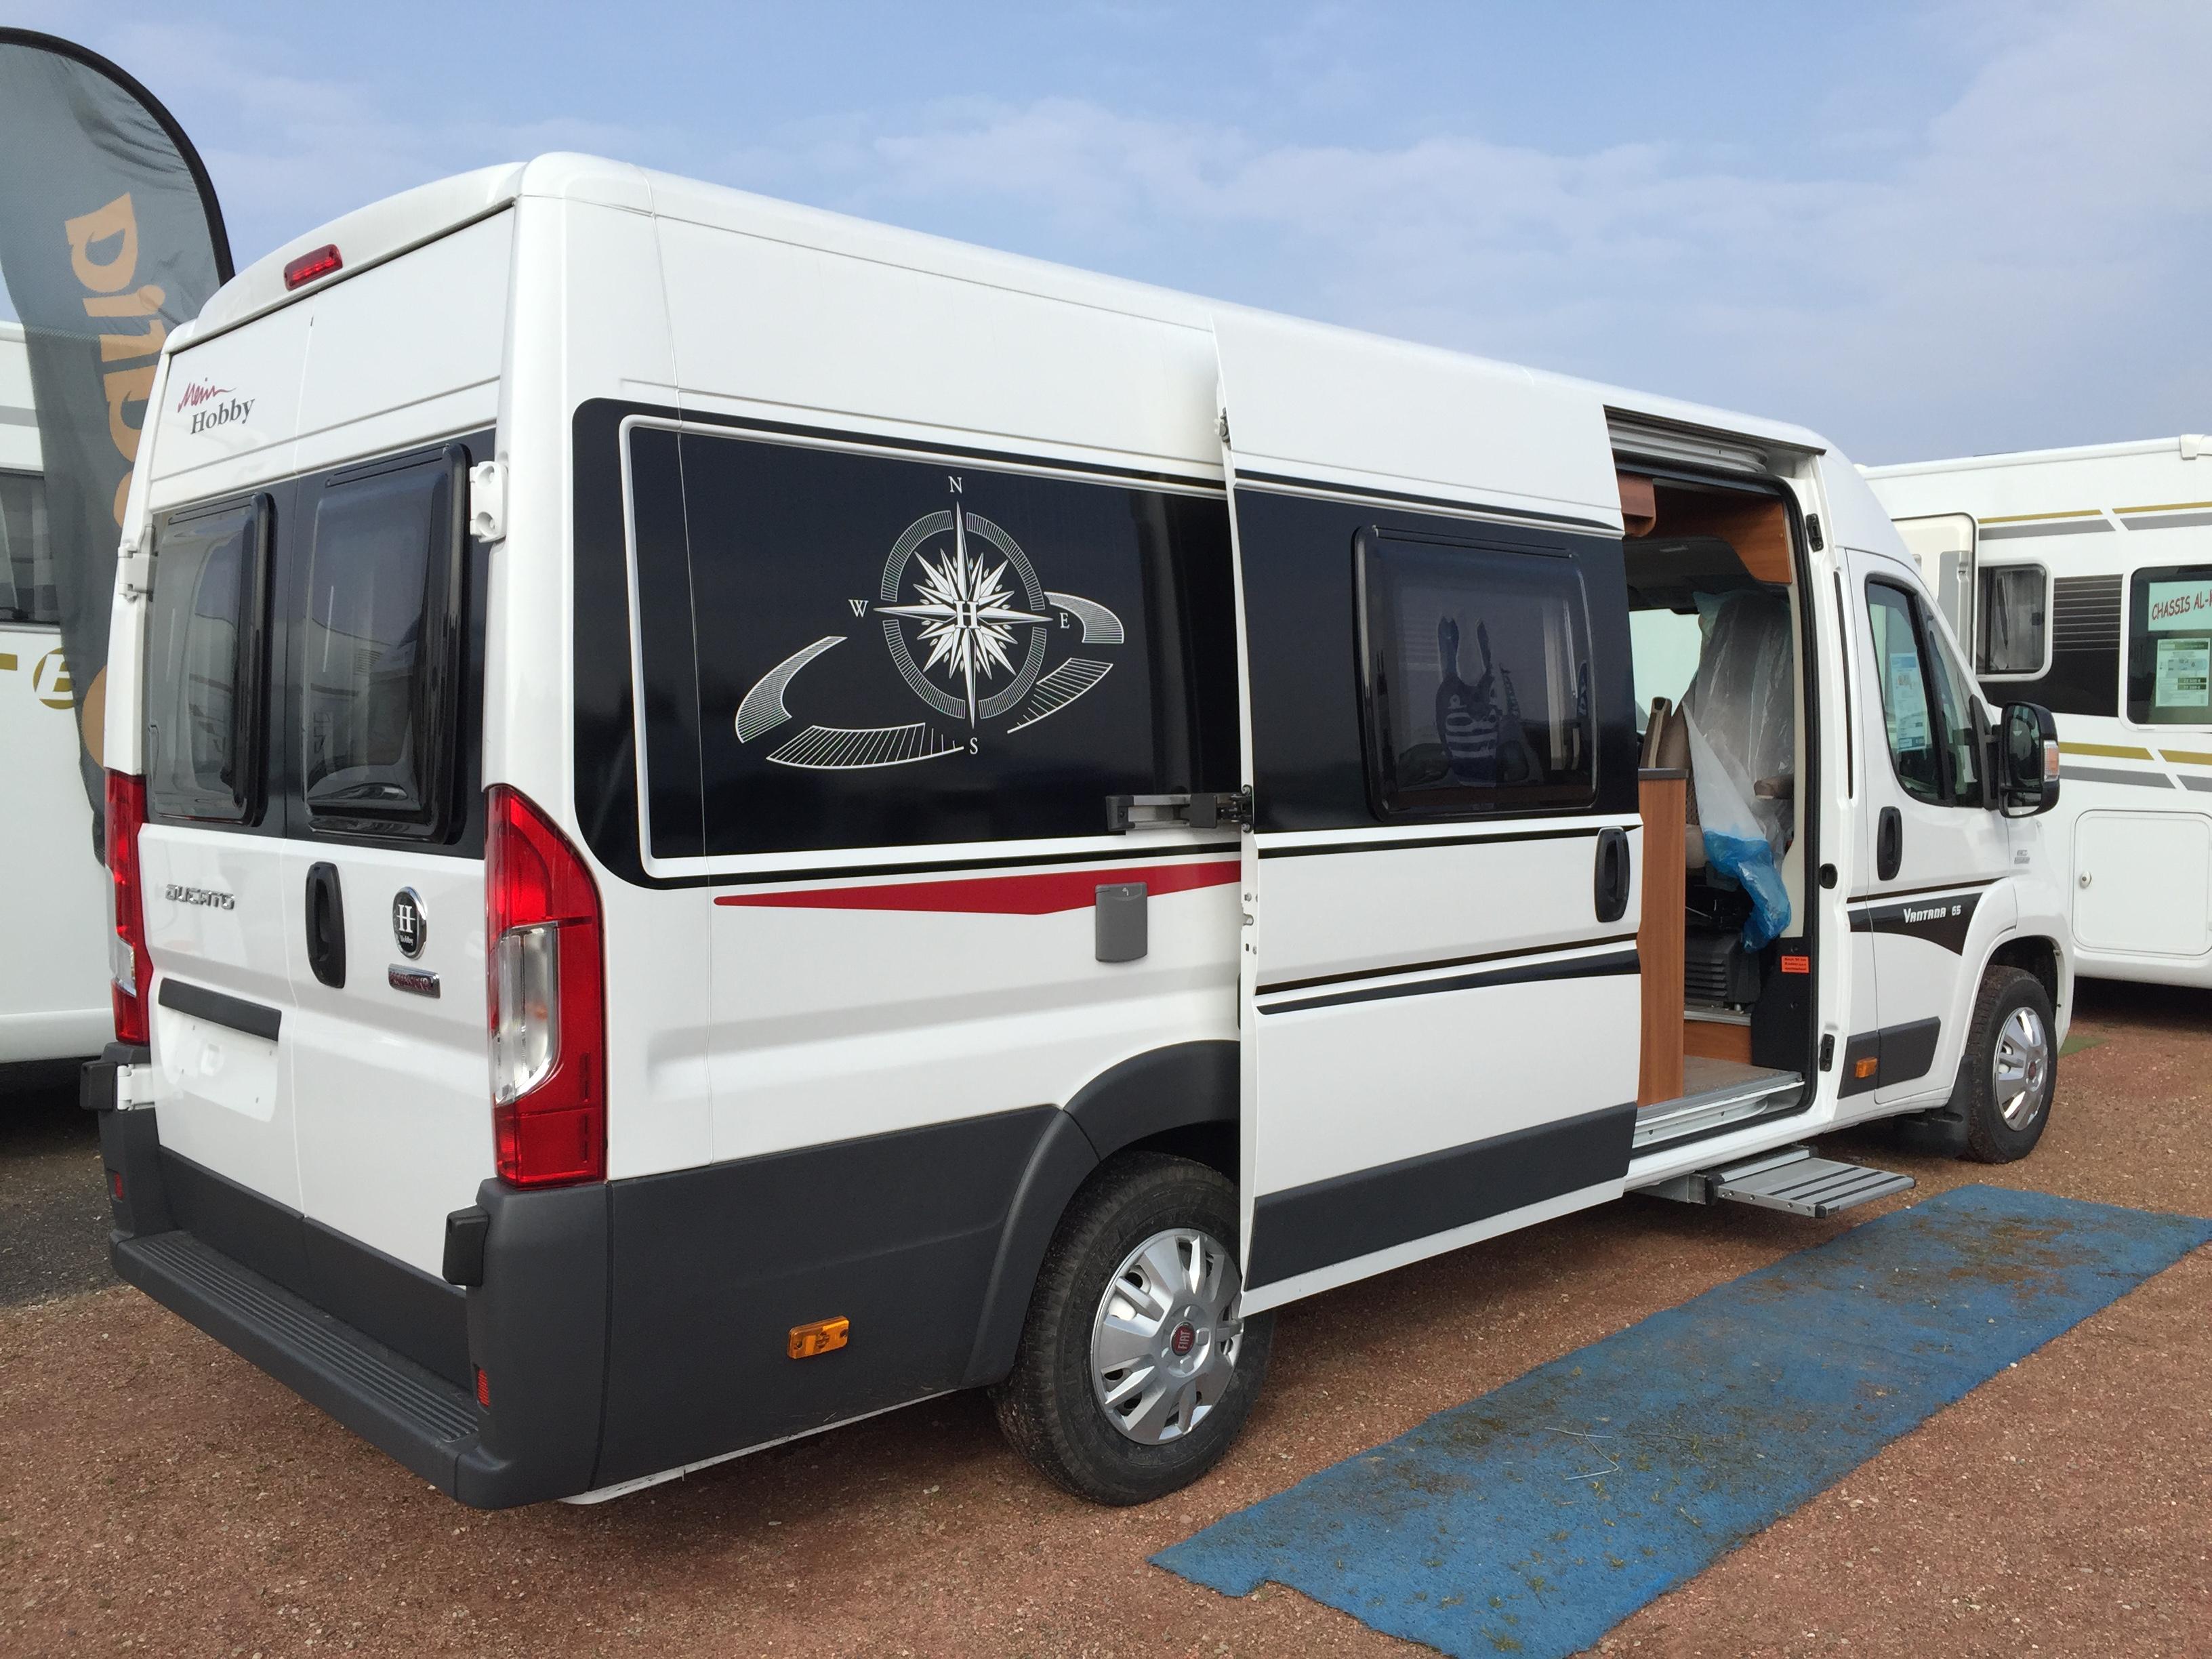 hobby vantana k 65 t neuf de 2016 fiat camping car en vente oberschaeffolsheim rhin 67. Black Bedroom Furniture Sets. Home Design Ideas